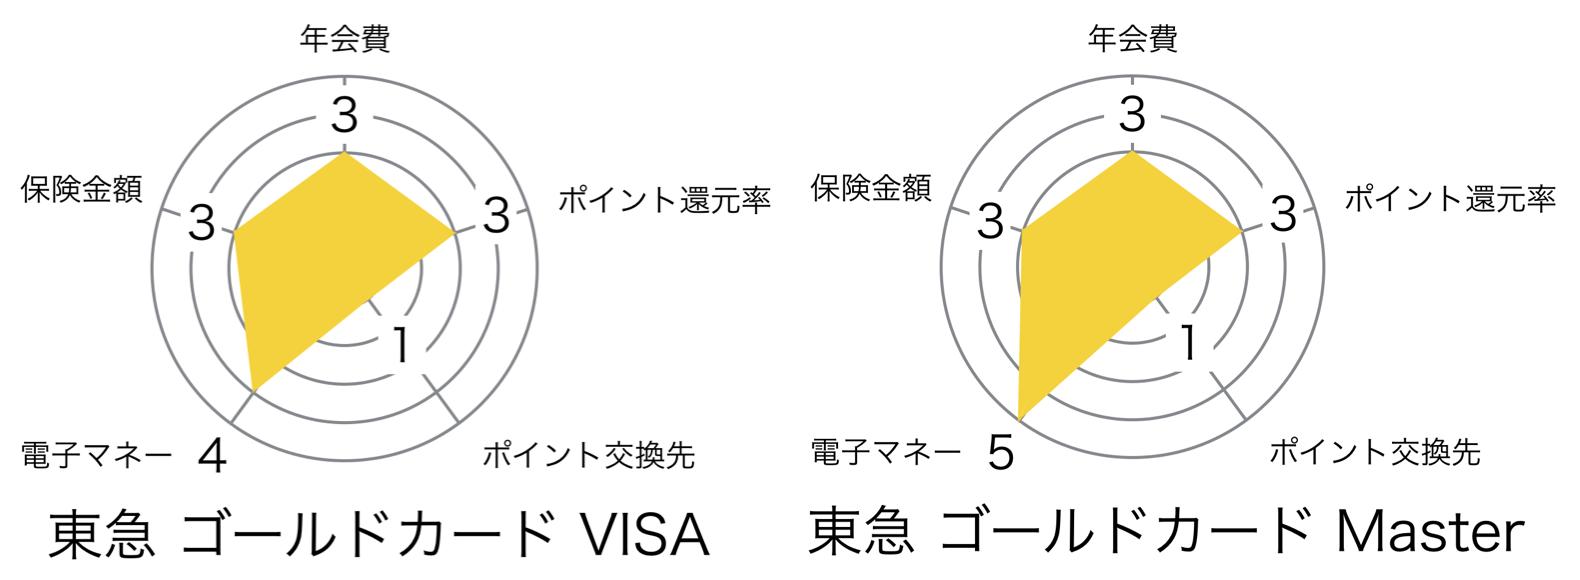 東急 ゴールドカード レーダーチャート